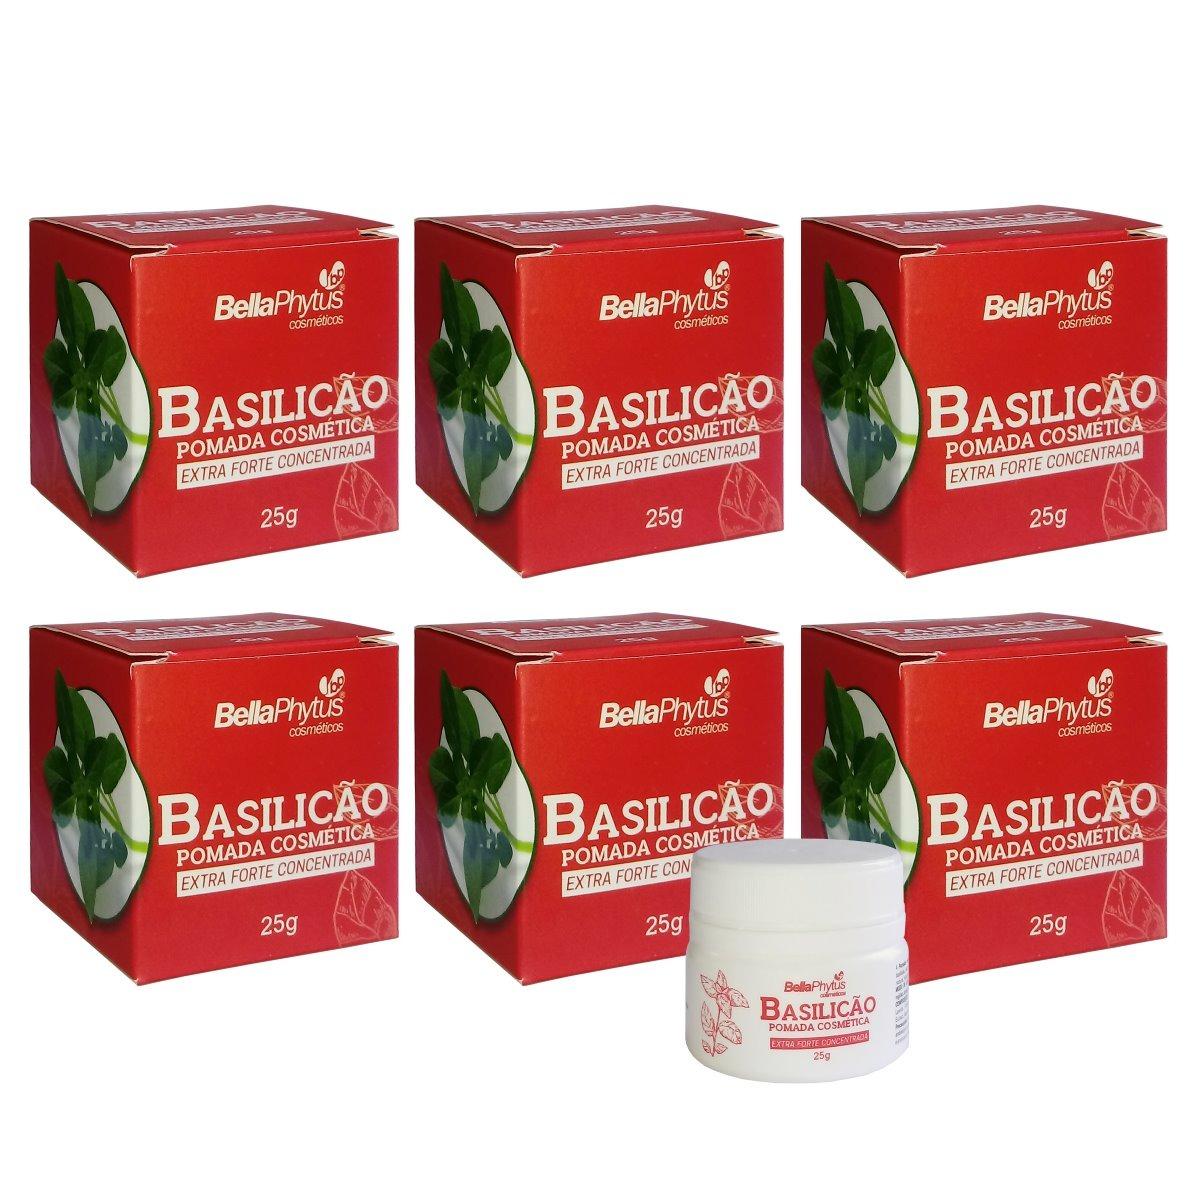 Basilicão Pomada Extra Forte Concentrada 25g Bella Phytus Kit 6 Unidades